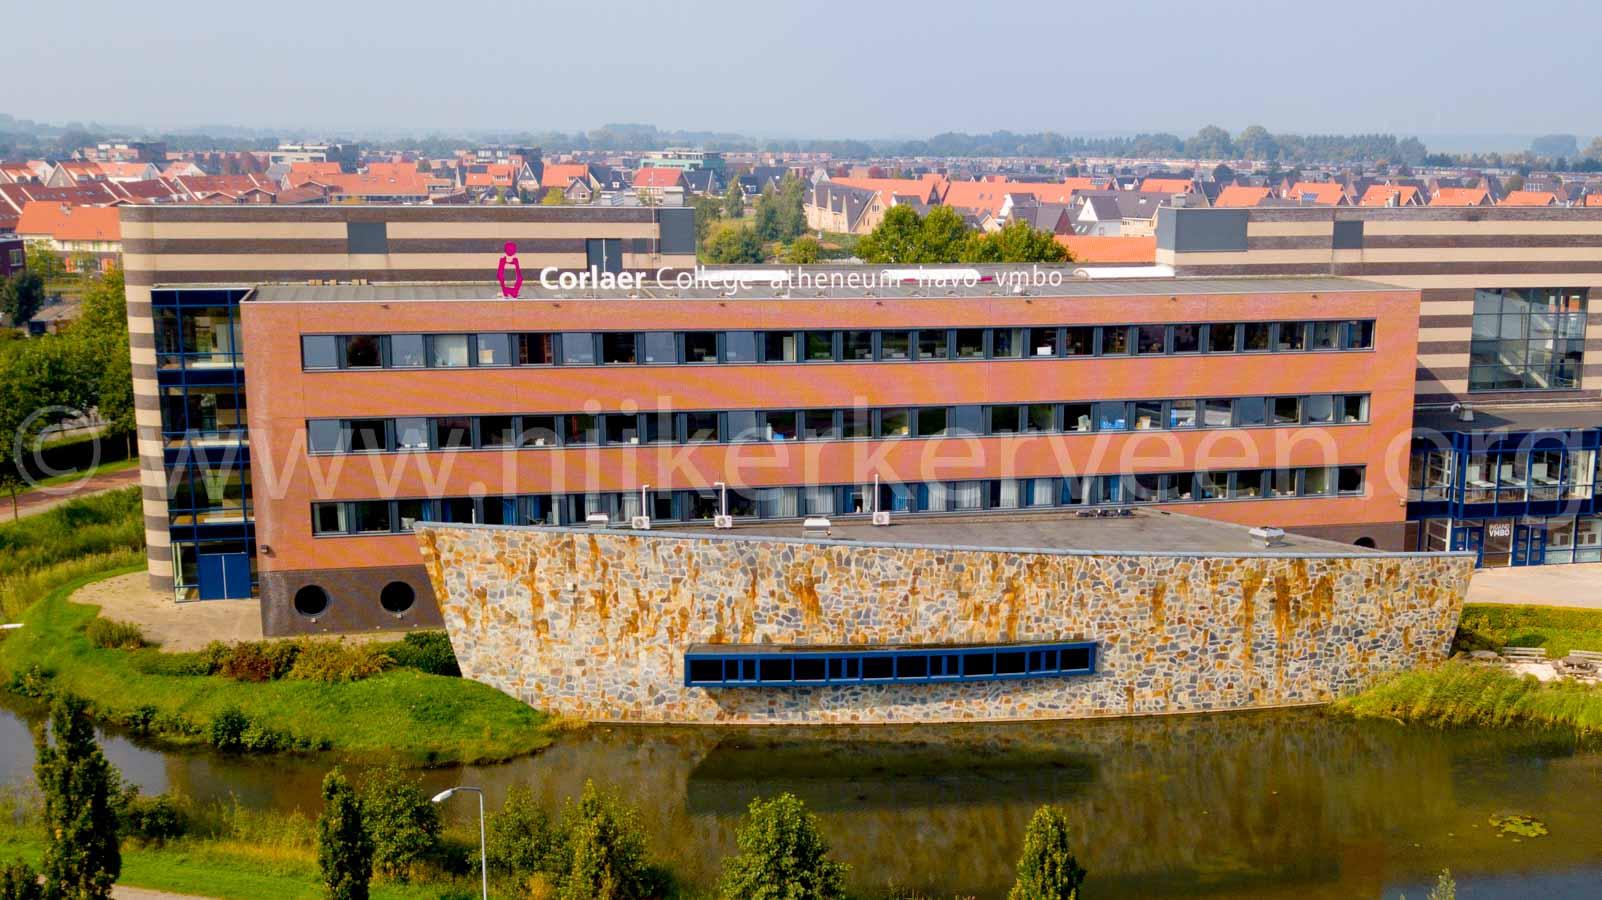 Corlaer College Nijkerk